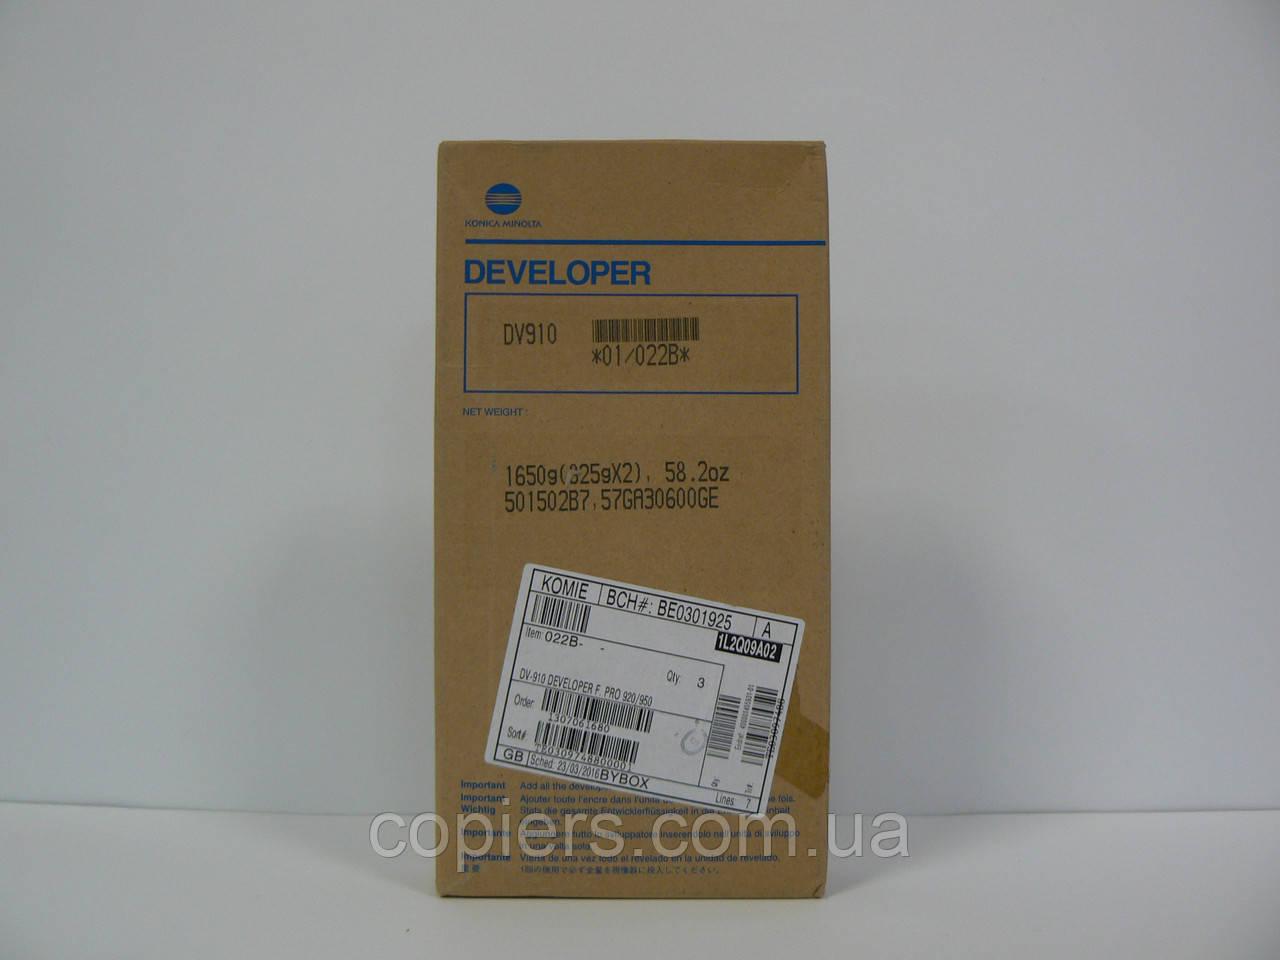 Developer DV910 Konica Minolta bizhub pro 920/950, оригинал, dv-910